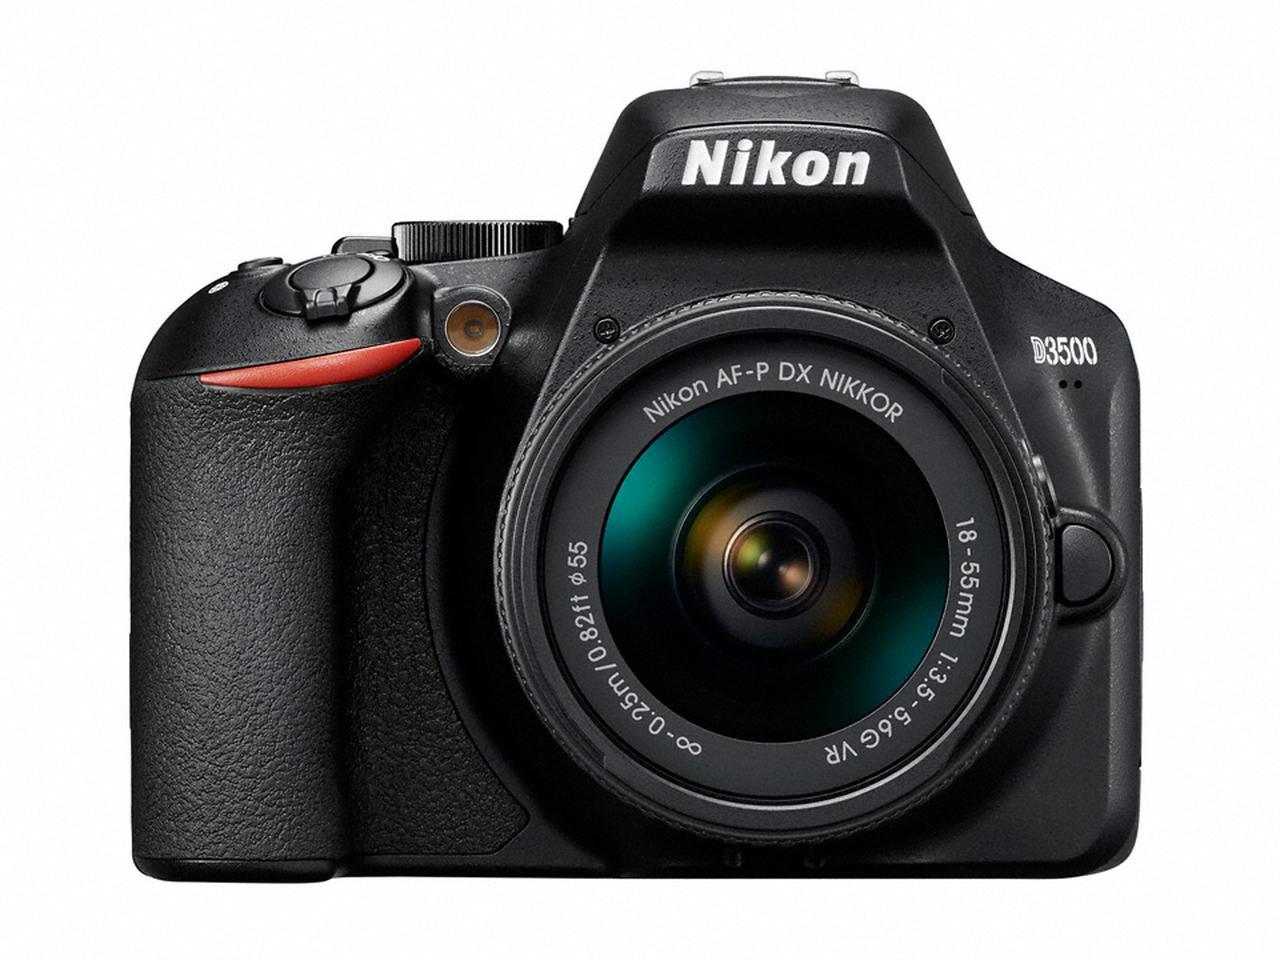 画像: D3500-概要 | 一眼レフカメラ | ニコンイメージング